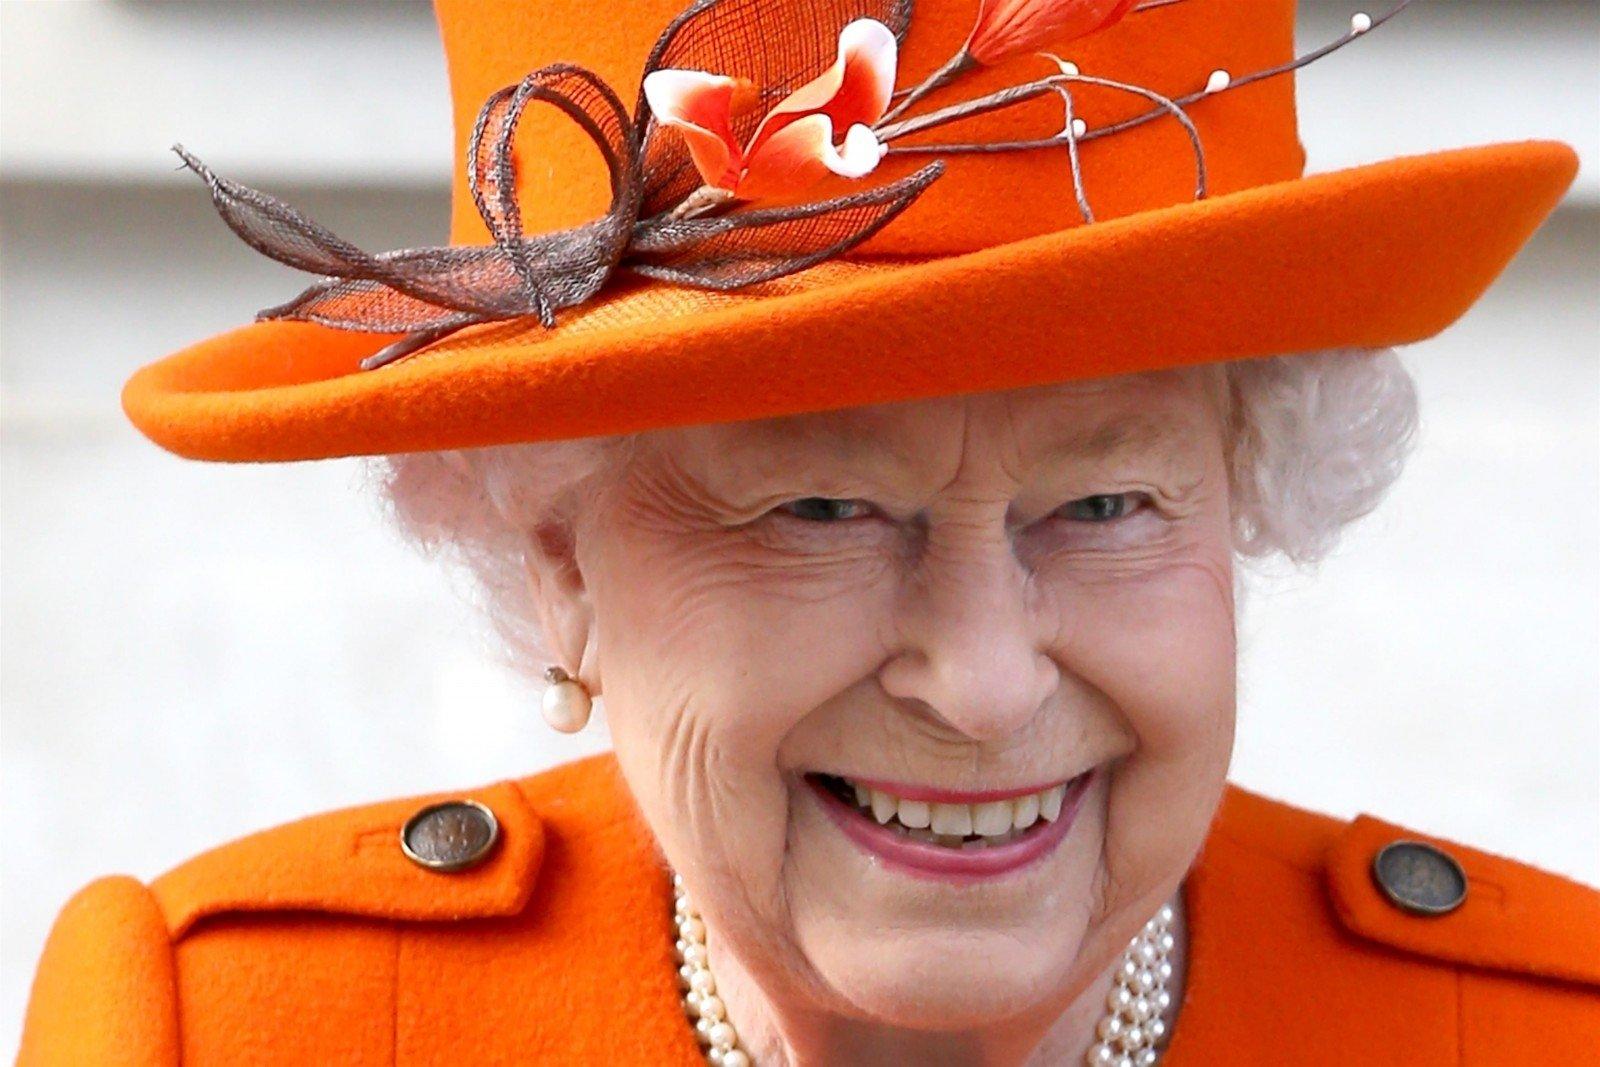 Я говорю с вами в чрезвычайно непростое время: королева Елизавета II обратилась к британцам